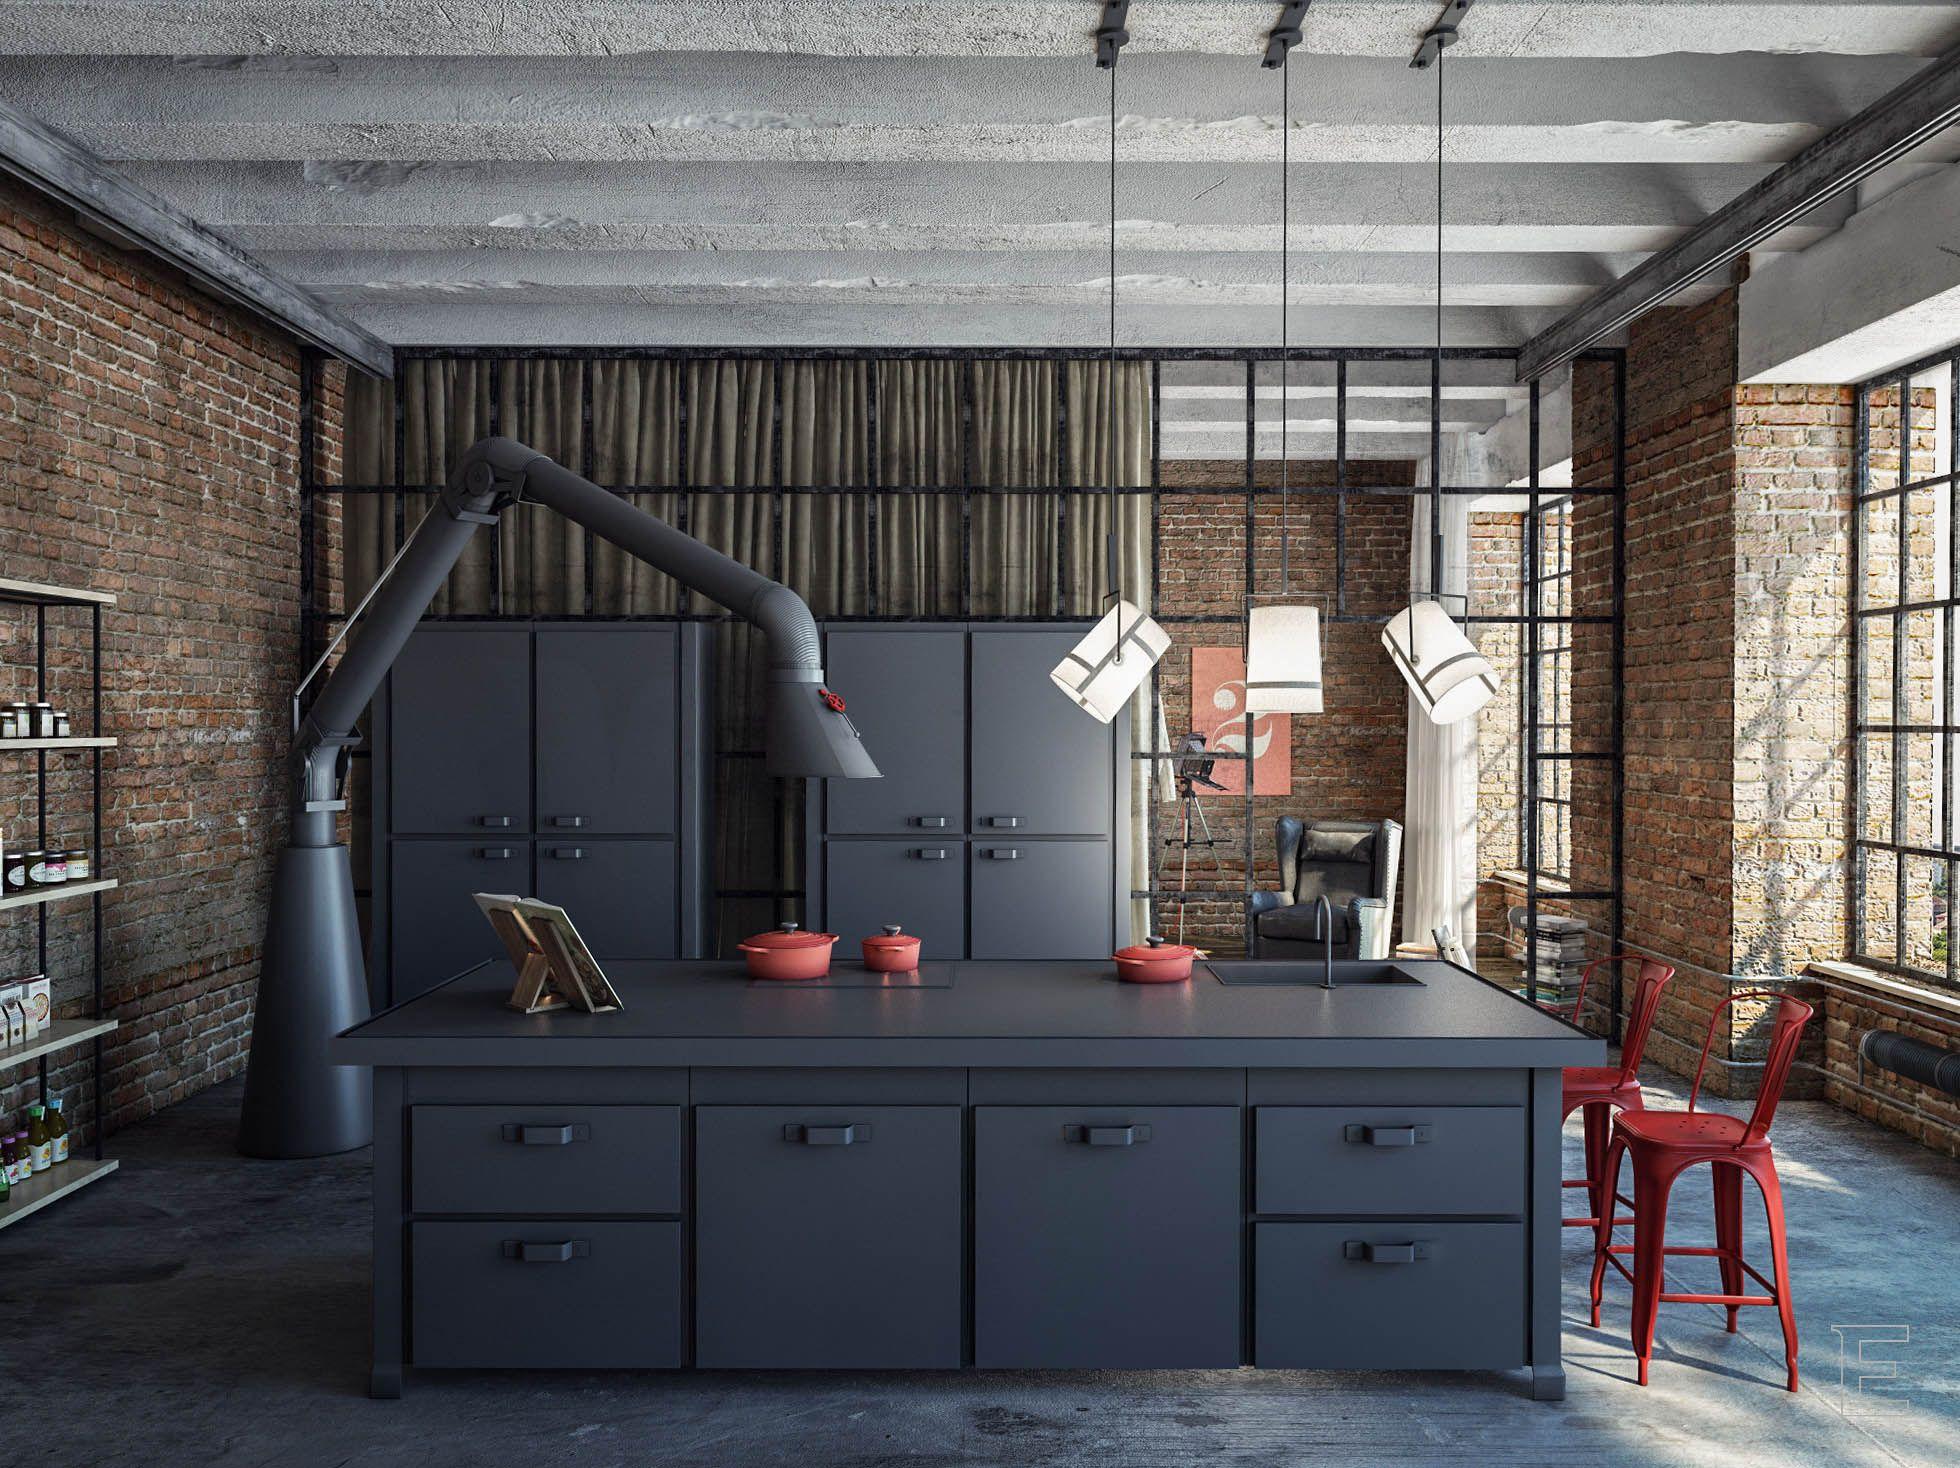 Industrial Style Kitchen Design Ideas Marvelous Images Industrial Style Kitchen Industrial Kitchen Design Industrial Loft Design